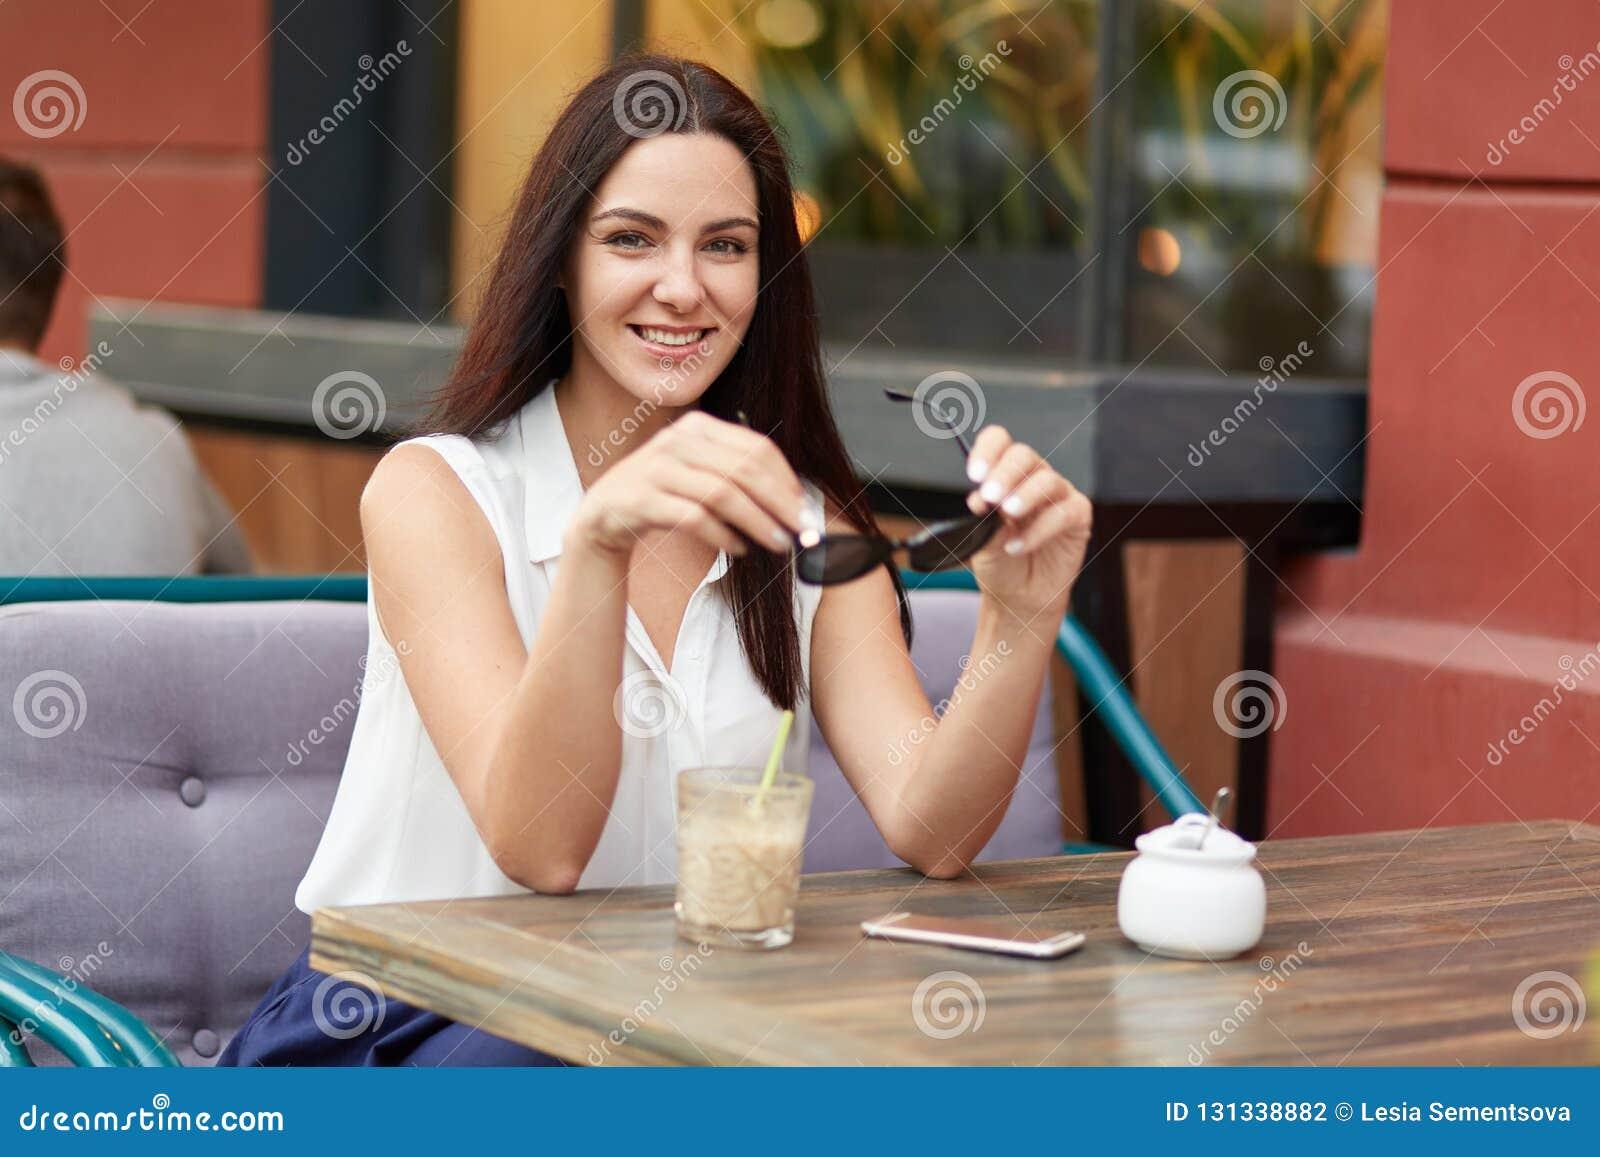 Il colpo orizzontale di bella donna europea rilassata tiene le tonalità, porta la blusa bianca, ha capelli lunghi, beve il cockta